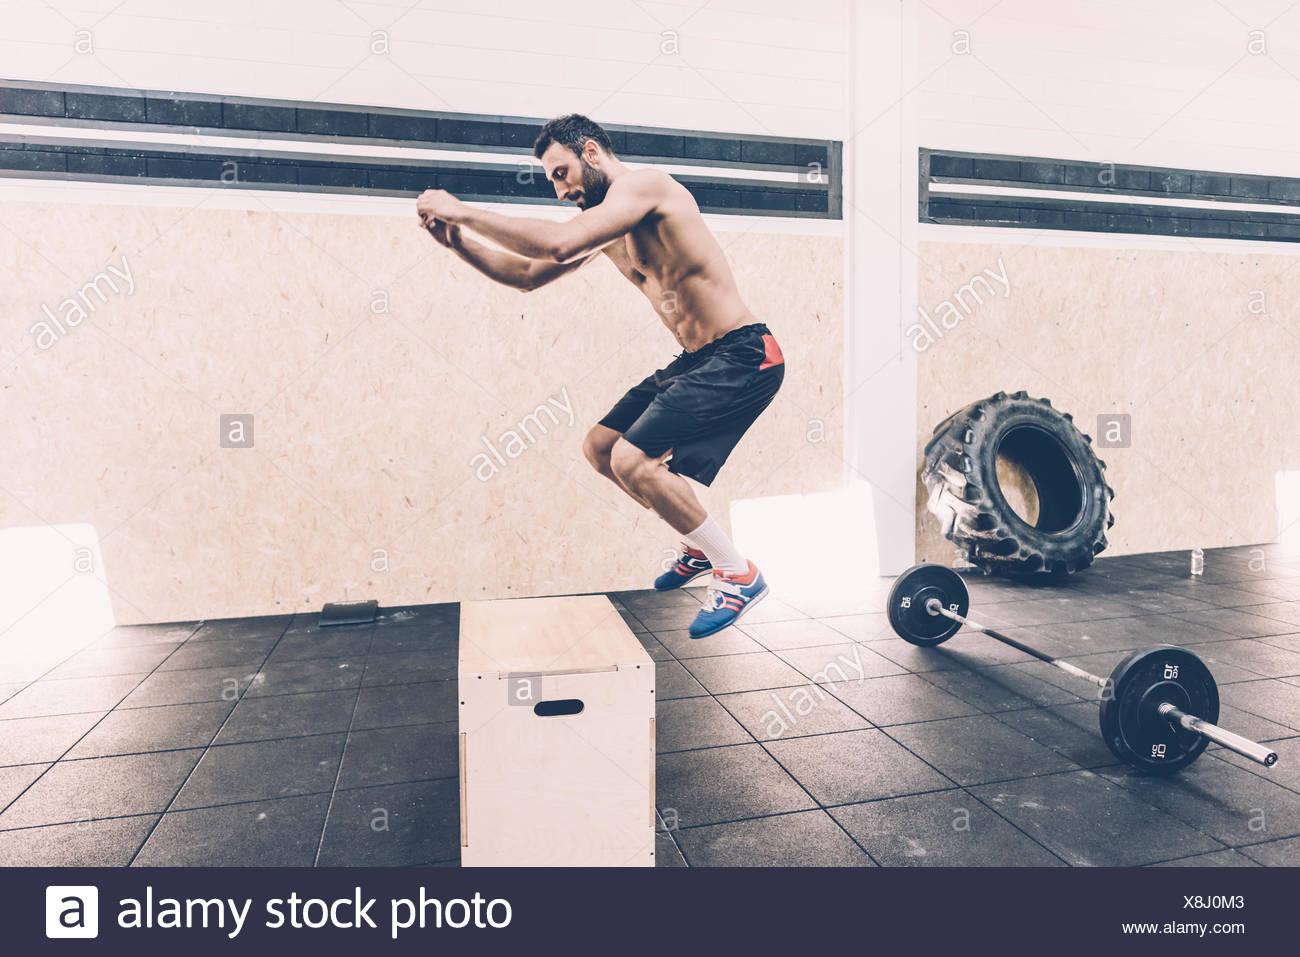 Jeune homme sautant sur fort à l'entraînement en salle de sport Photo Stock